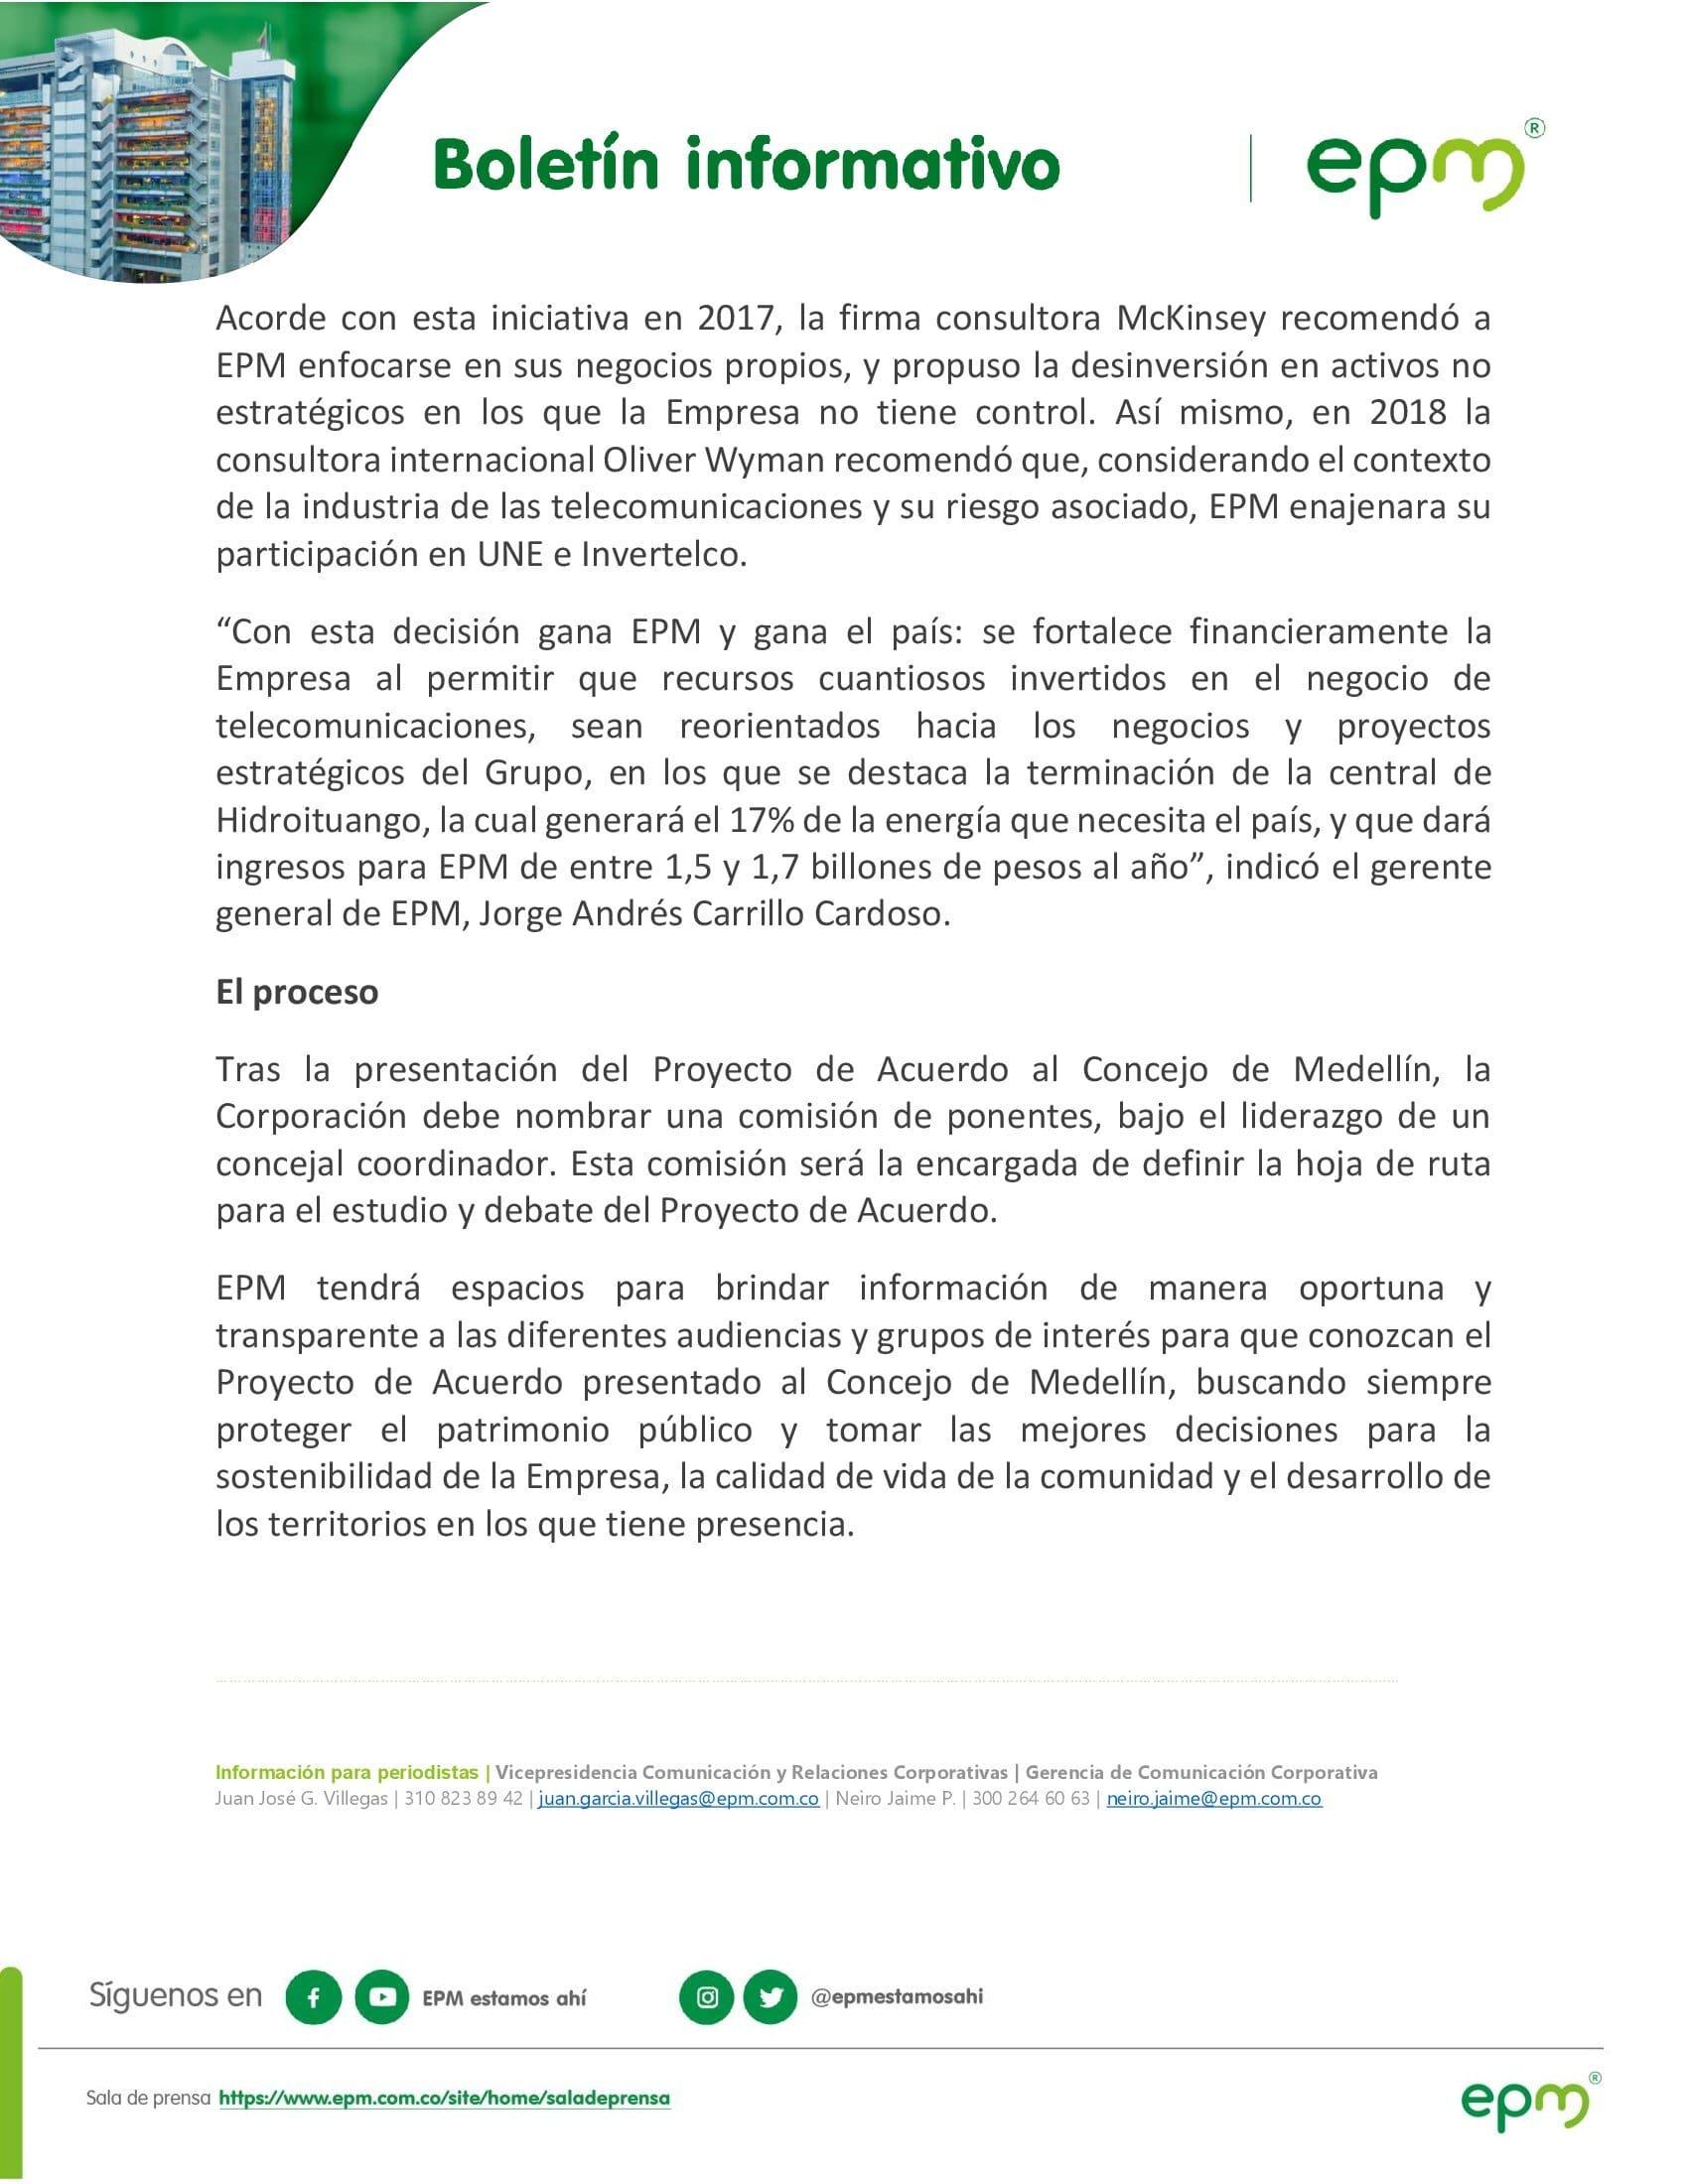 Boletin Informativo EPM UNE e Invertelco 19072021 00002